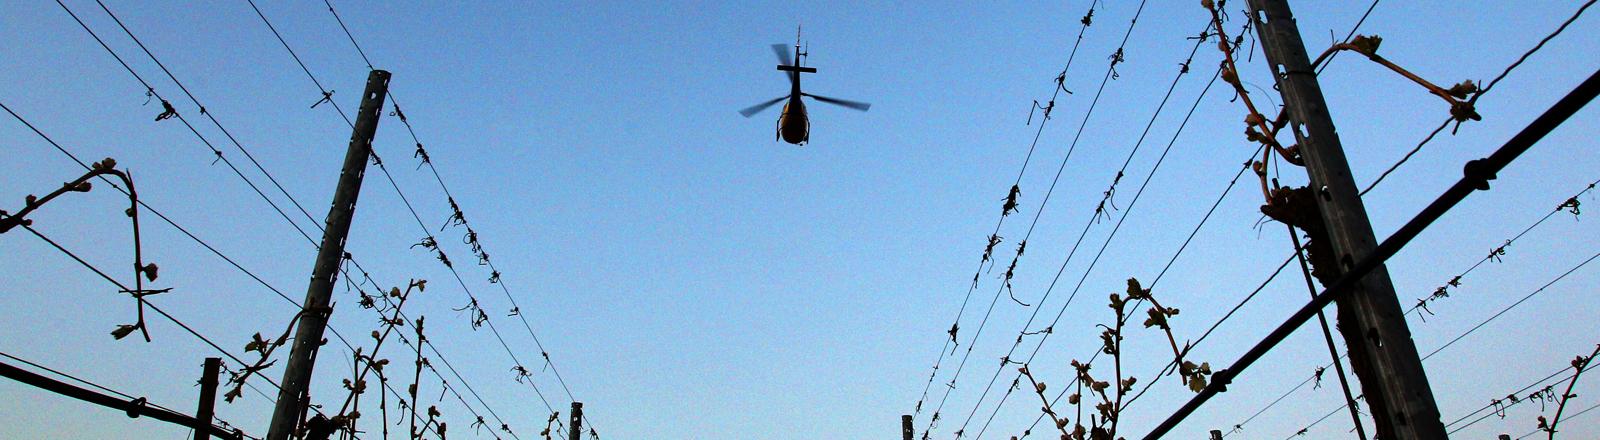 Ein Hubschrauber über den Weinbergen bei Sommerach. Die Rotoren sollen dabei wärmere Luftschichten nach unten drücken und so die Pflanzen vor Frost schützen.